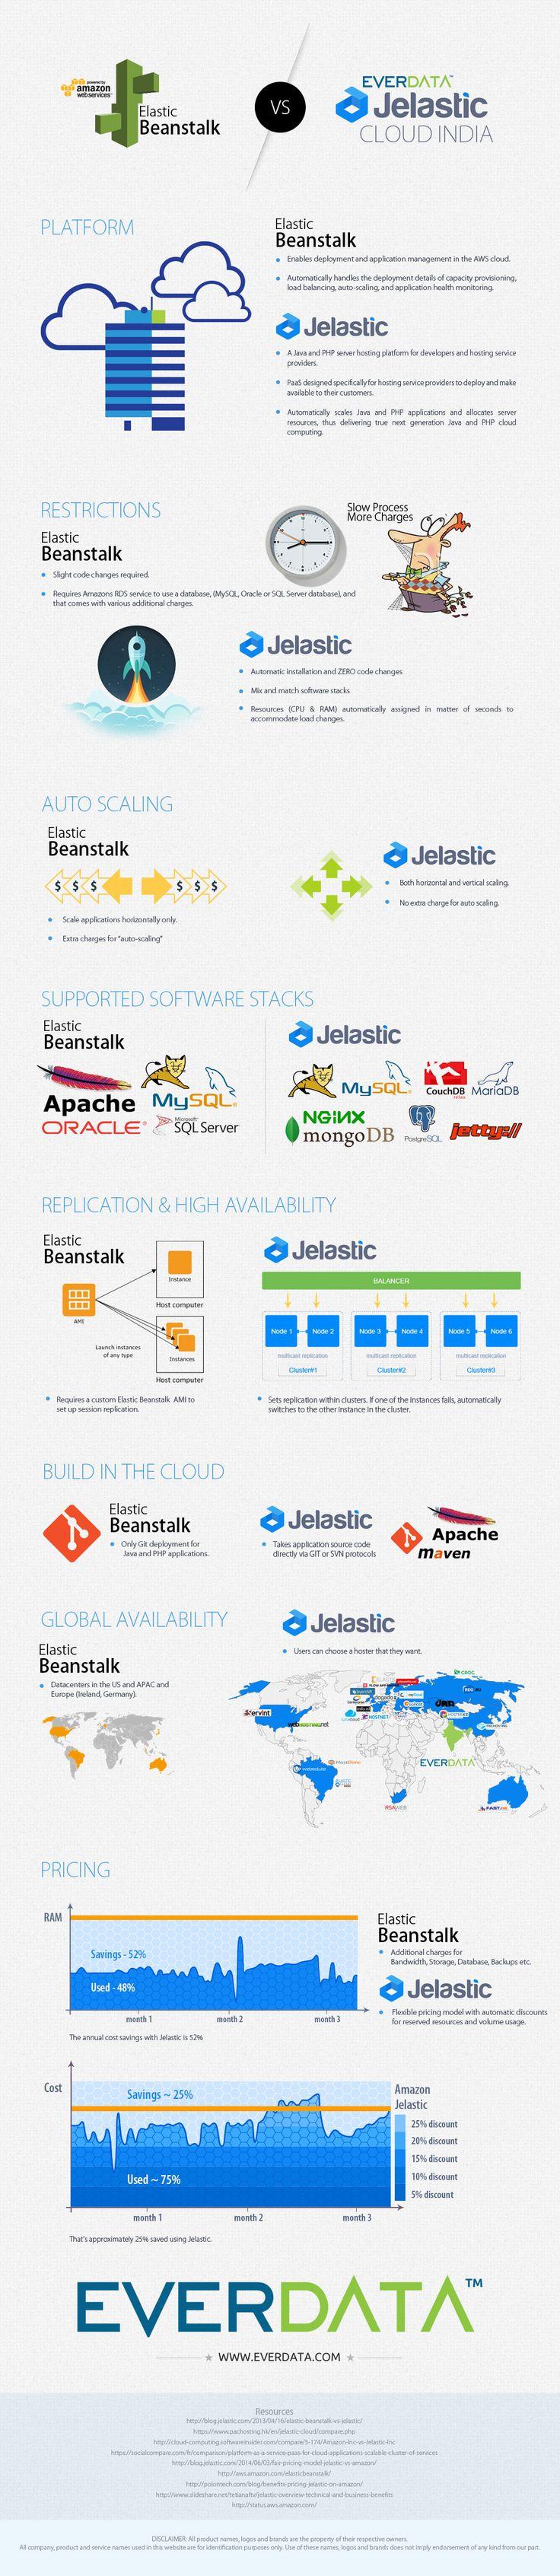 Elastic Beanstalk Vs Jelastic Cloud India   Everdata